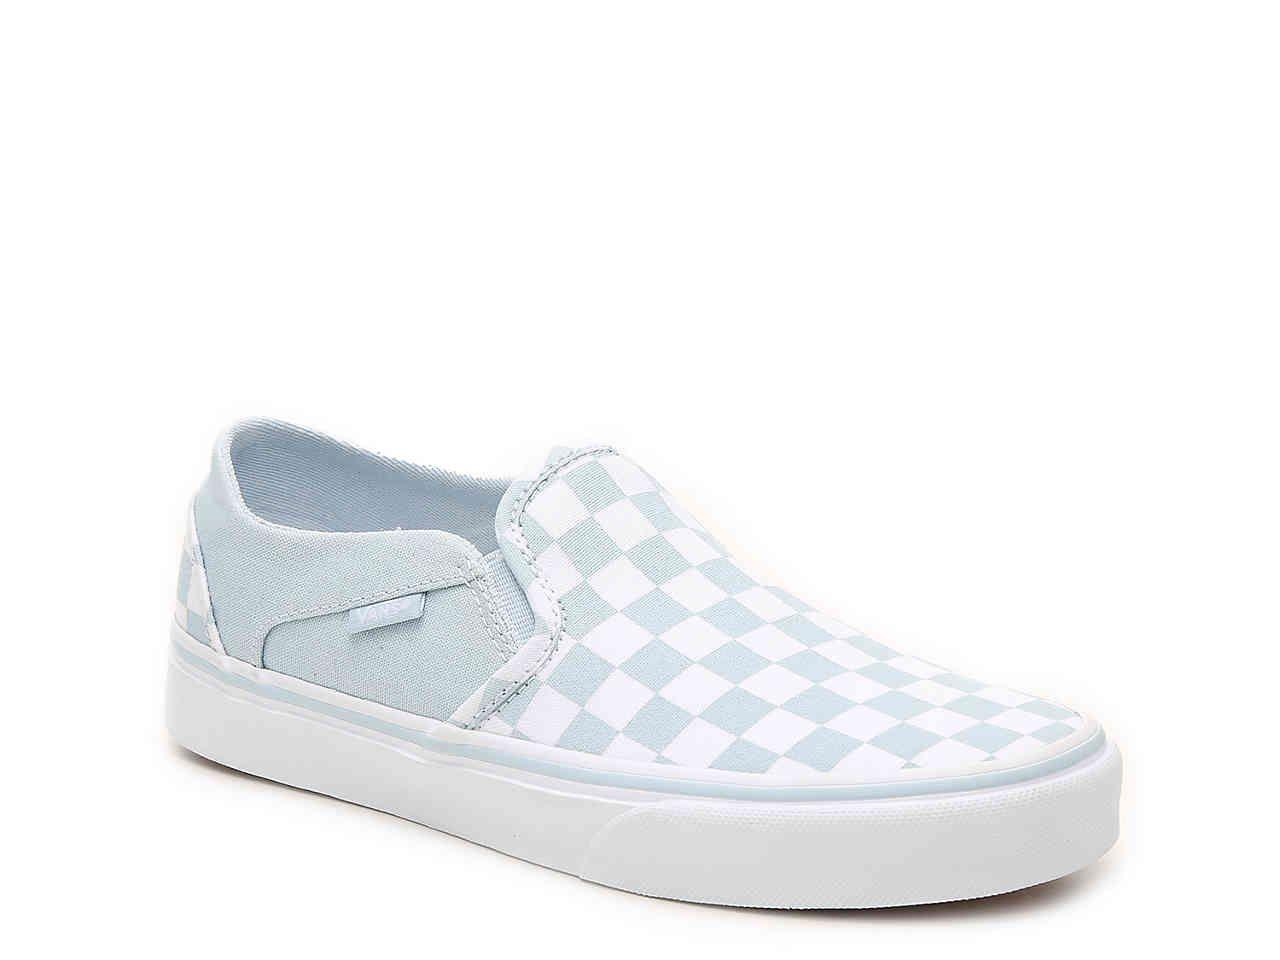 Vans Asher Checkered Slip-On Sneaker